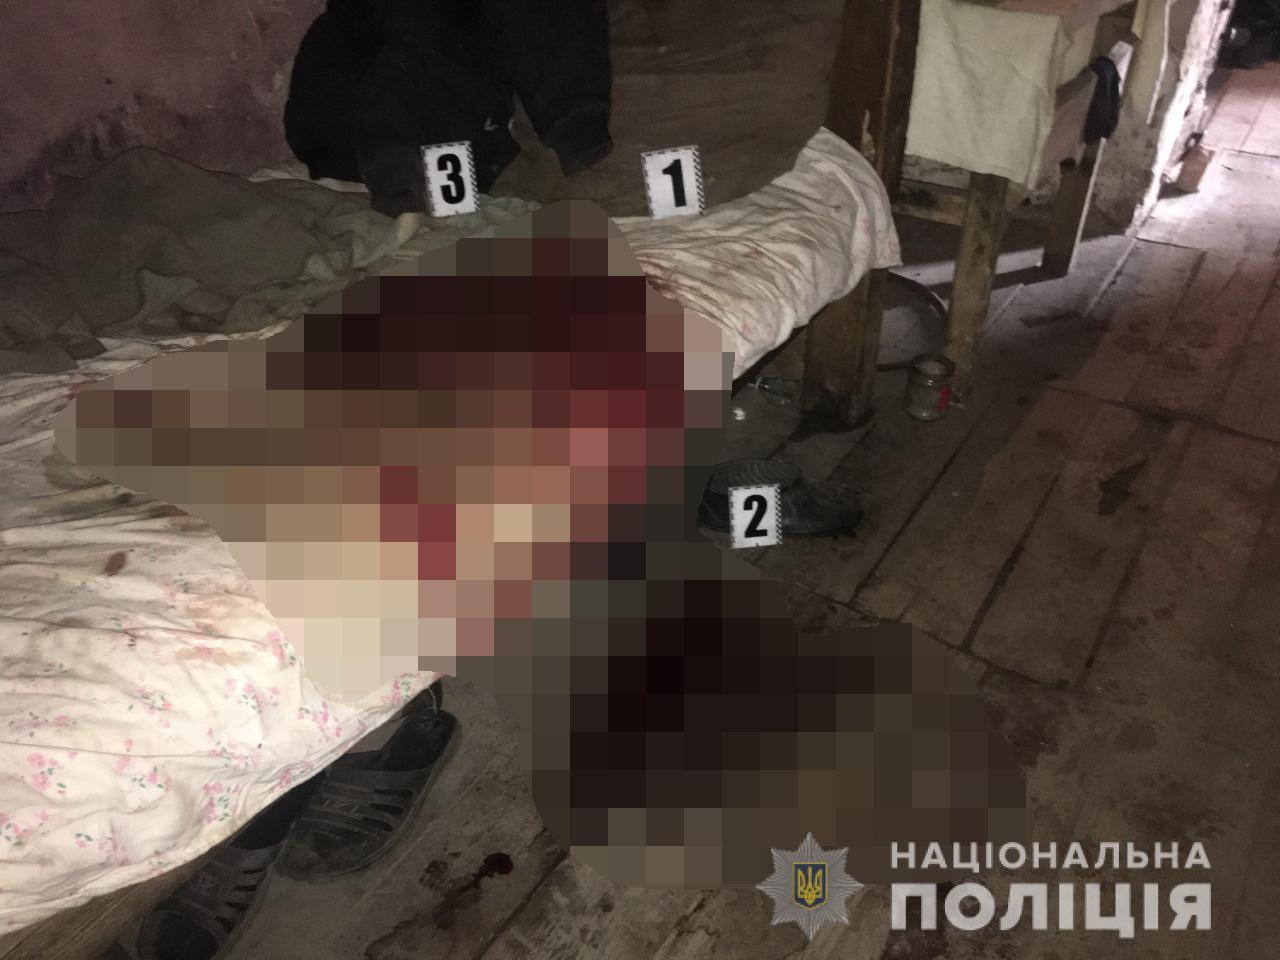 Задержан мужчина за покушение на умышленное убийство (фото)